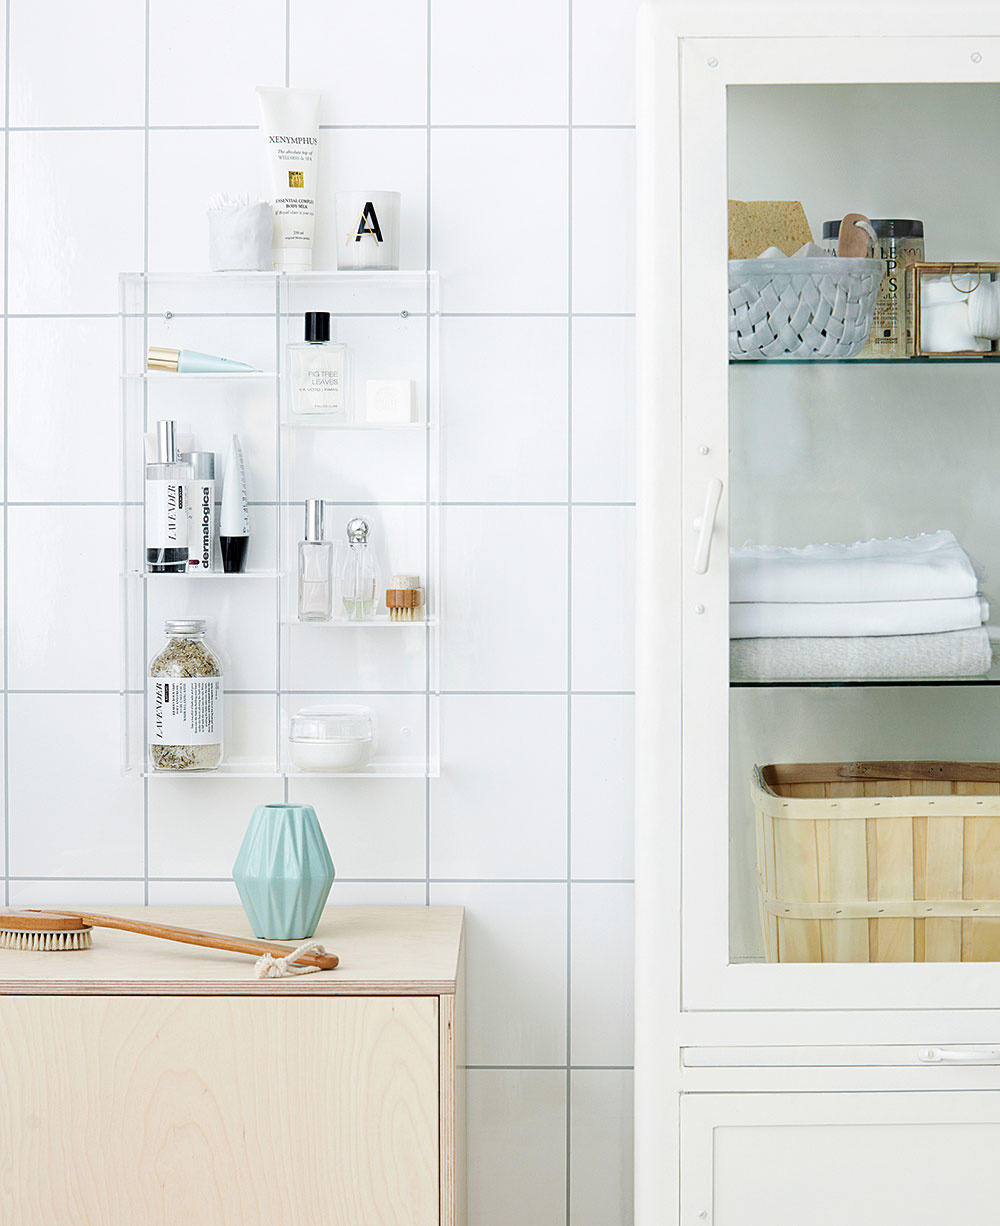 Priesvitné plastové alebo sklenené dózy anádoby na zubné kefky, vatové tampóny či tyčinky do uší, ba dokonca aj transparentné poličky na stenu veľmi nerušia priestor svojou prítomnosťou. Aj kúpeľňa bude pôsobiť ako čistejšia anepreplnená drobnosťami.